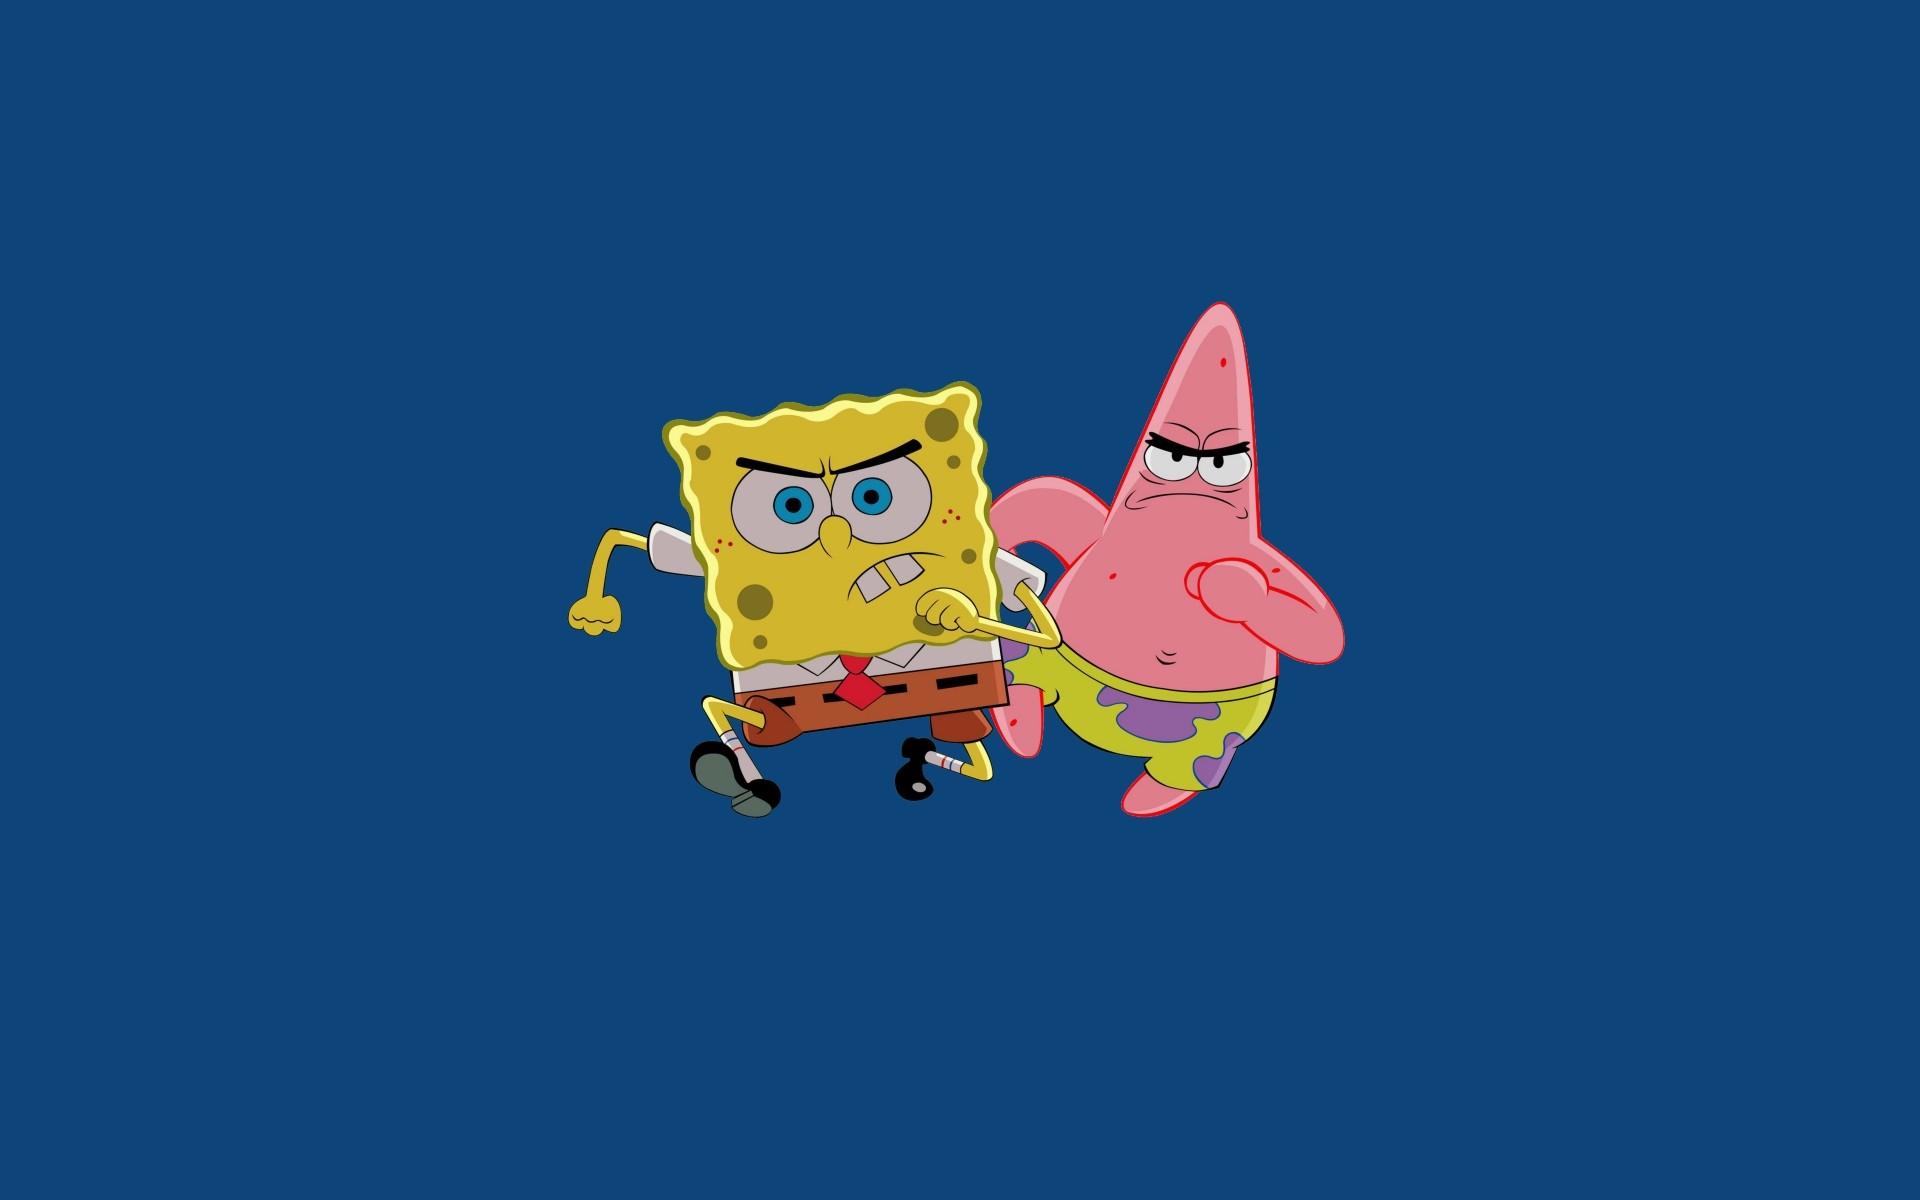 SpongeBob and Patrick simple wallpaper: